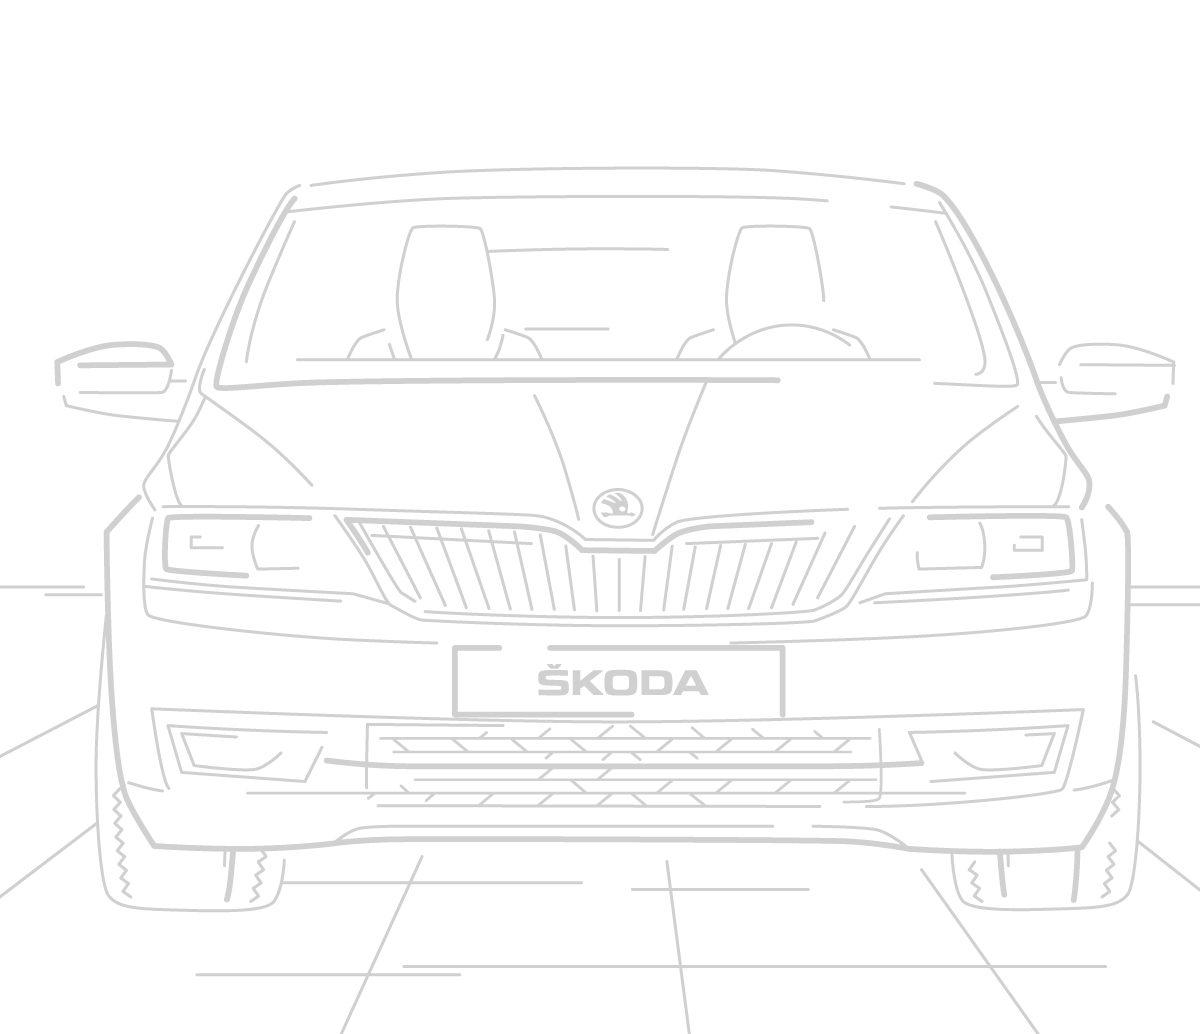 Skoda Octavia Lineart